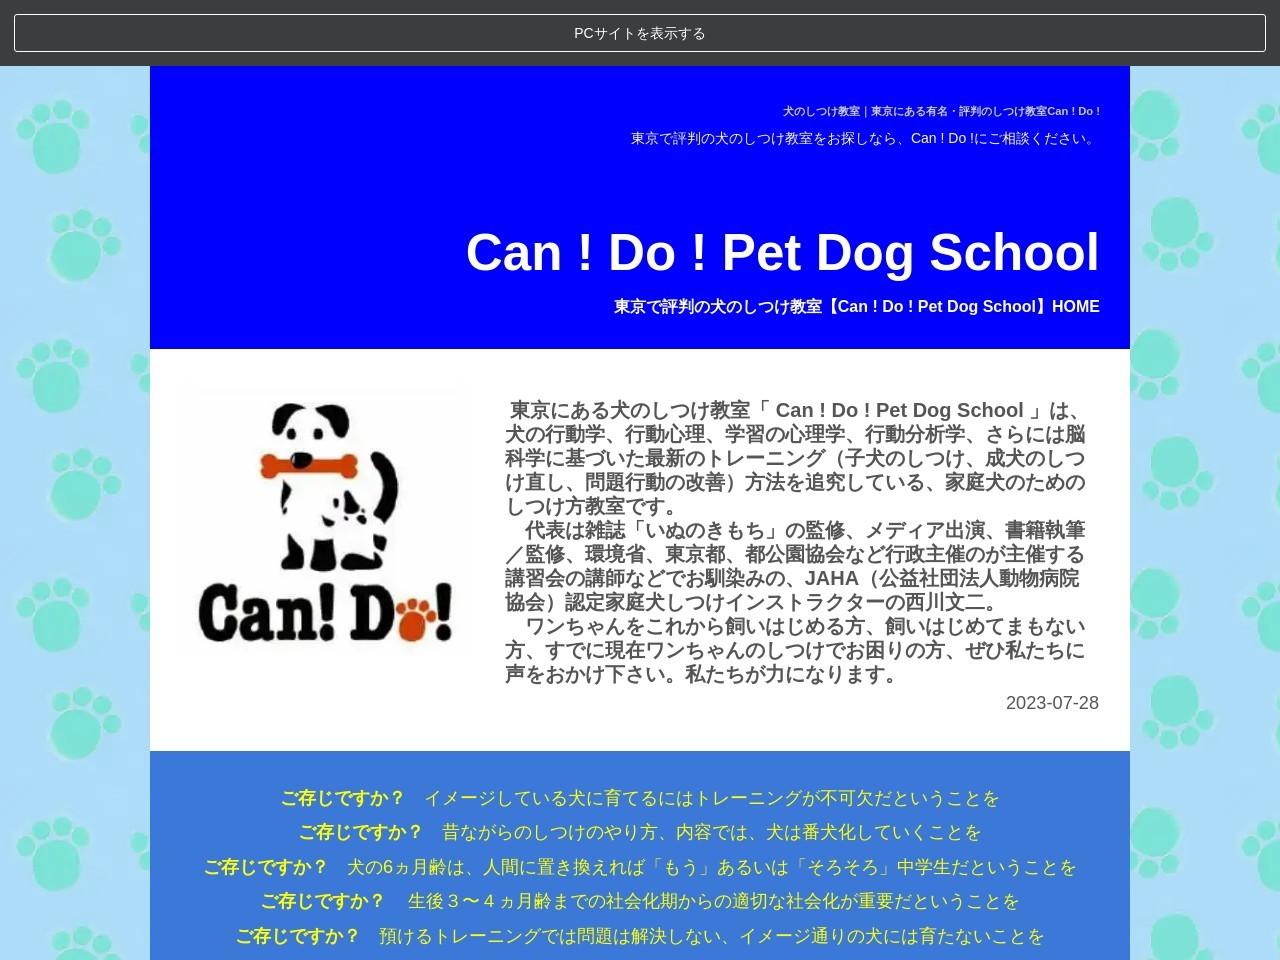 Can・Do・ペットドッグスクール